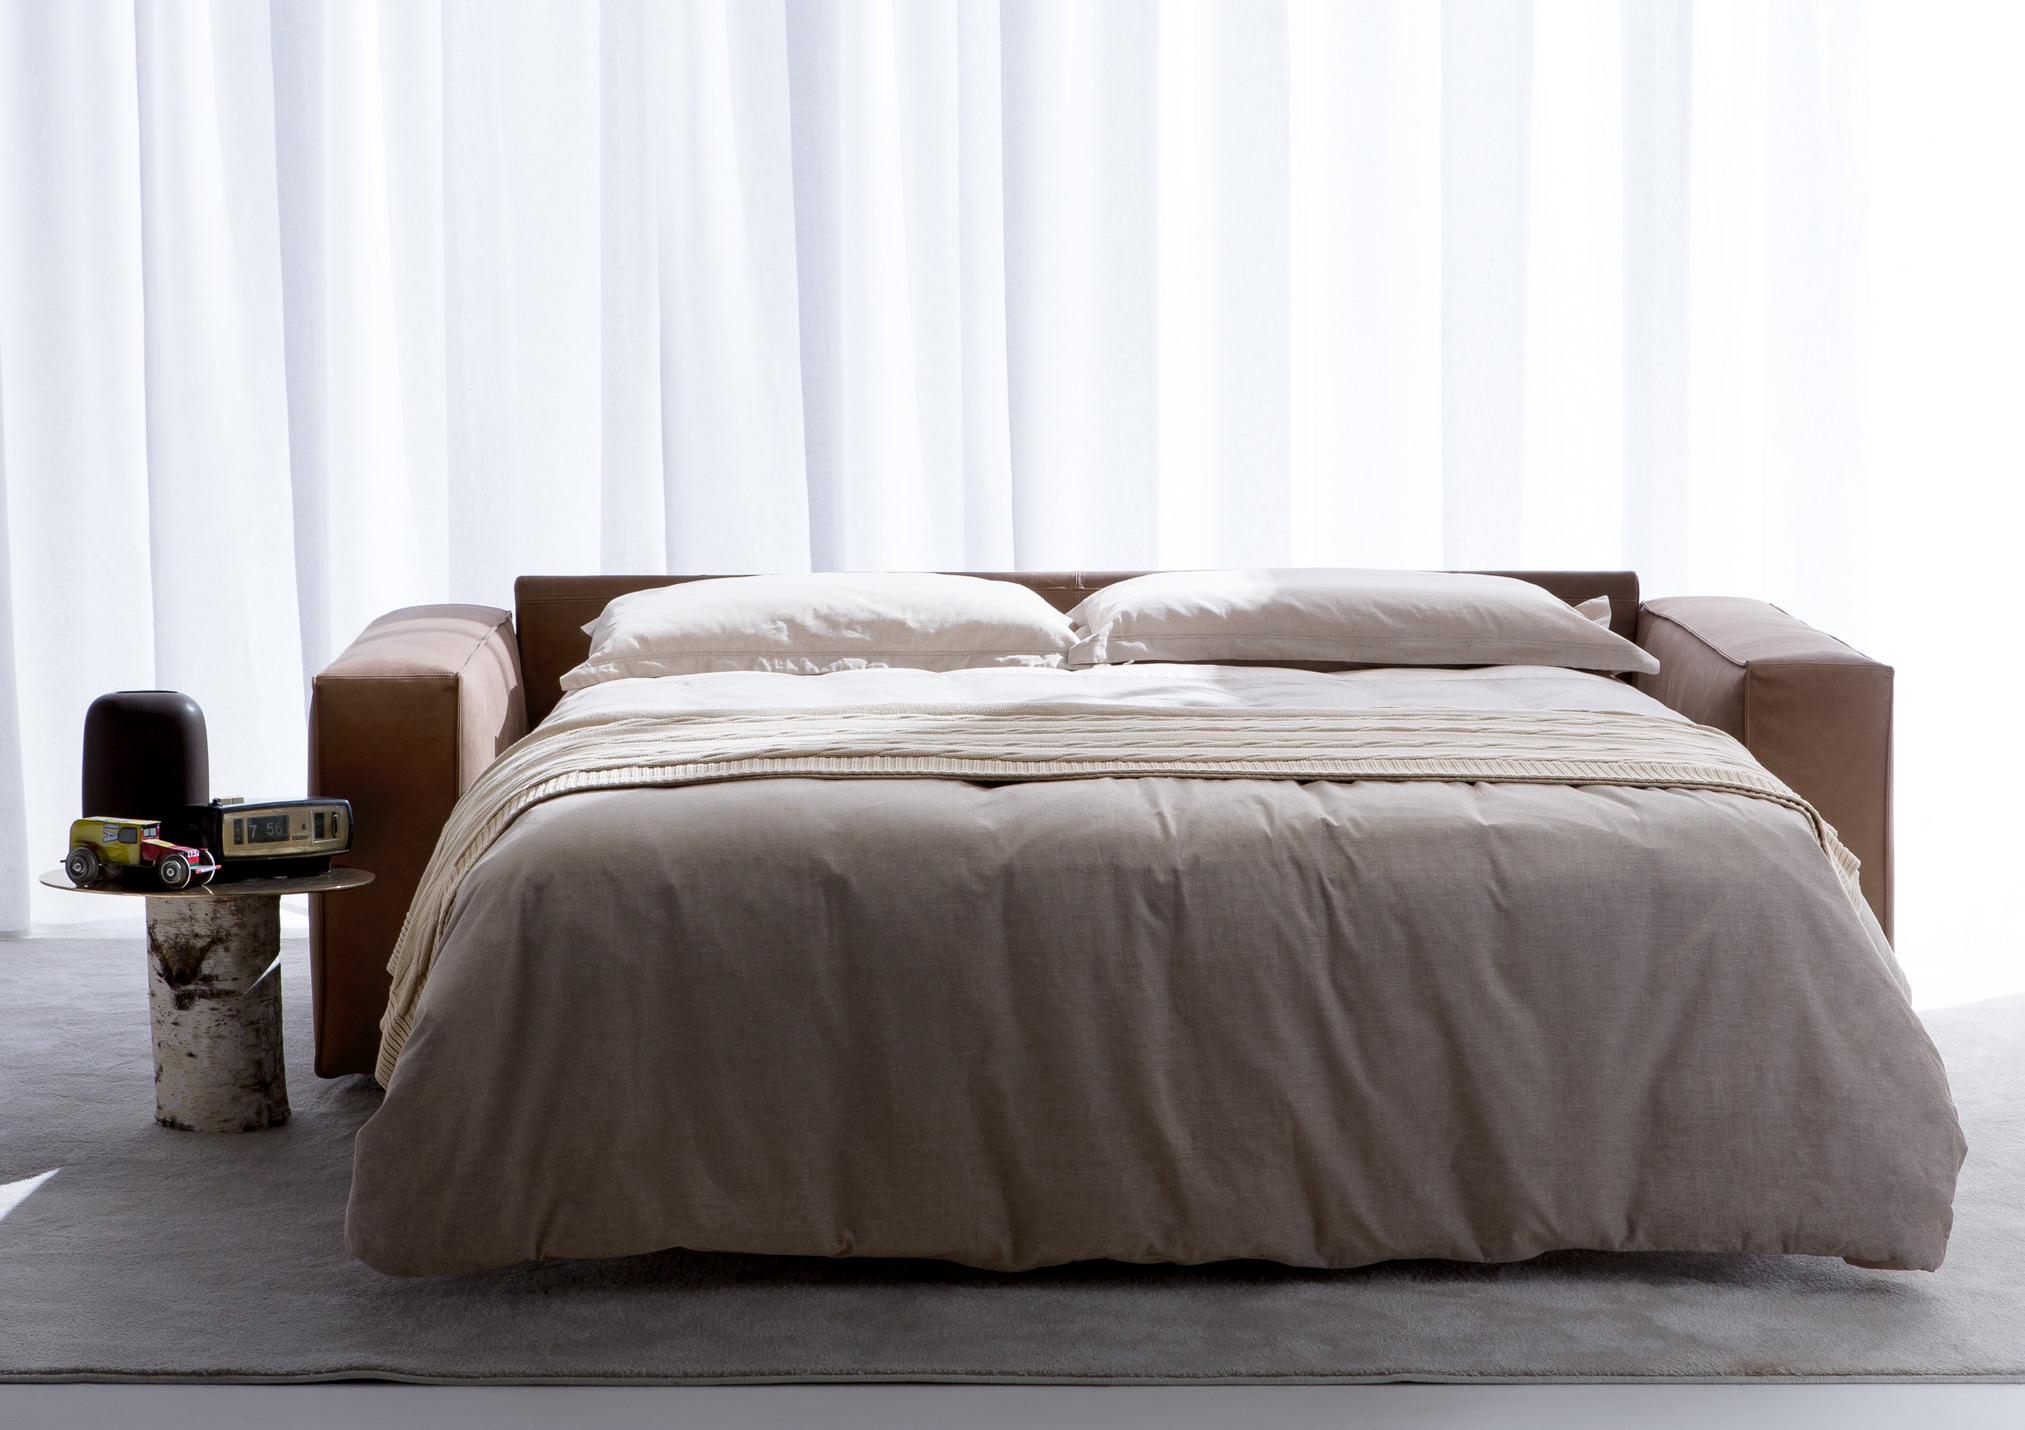 sofa-cama-a-medida-nemo